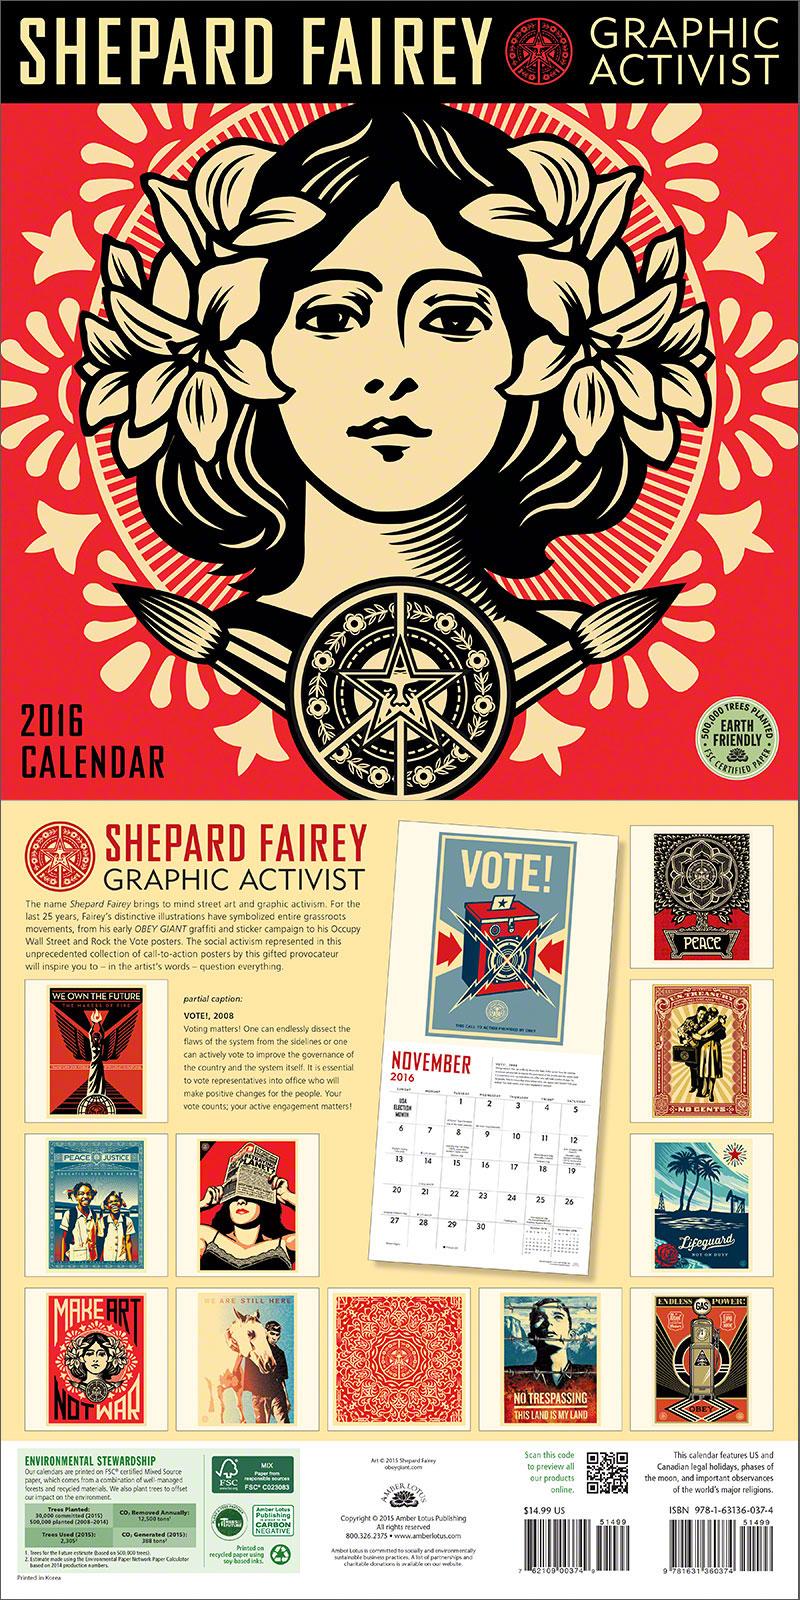 Shepard Fairey 2016 wall calendar